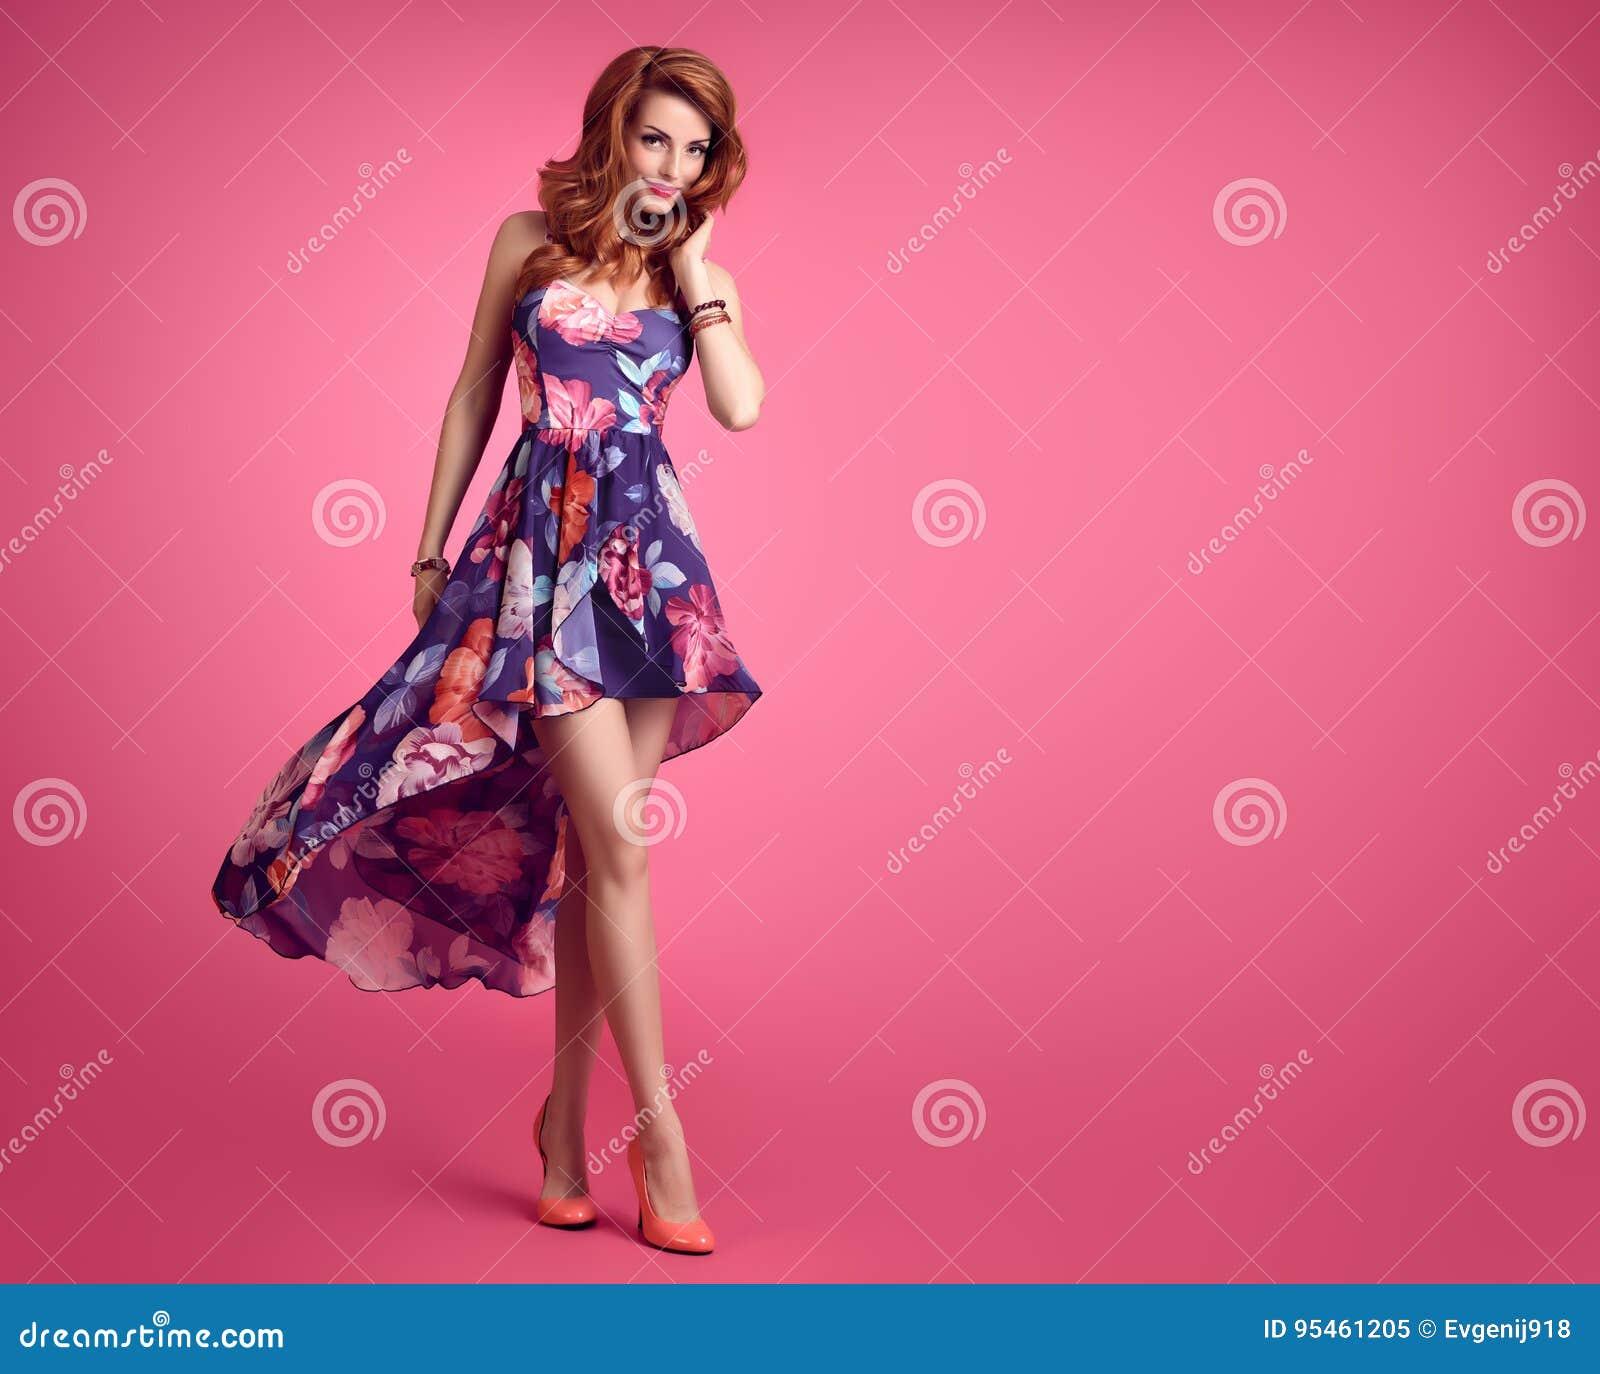 fbc93f20cb9 Femme rousse sexy sensuelle dans le sourire floral à la mode de robe d été  de mode Modèle de beauté dans la pose de mode La coiffure onduleuse bouclée  ...